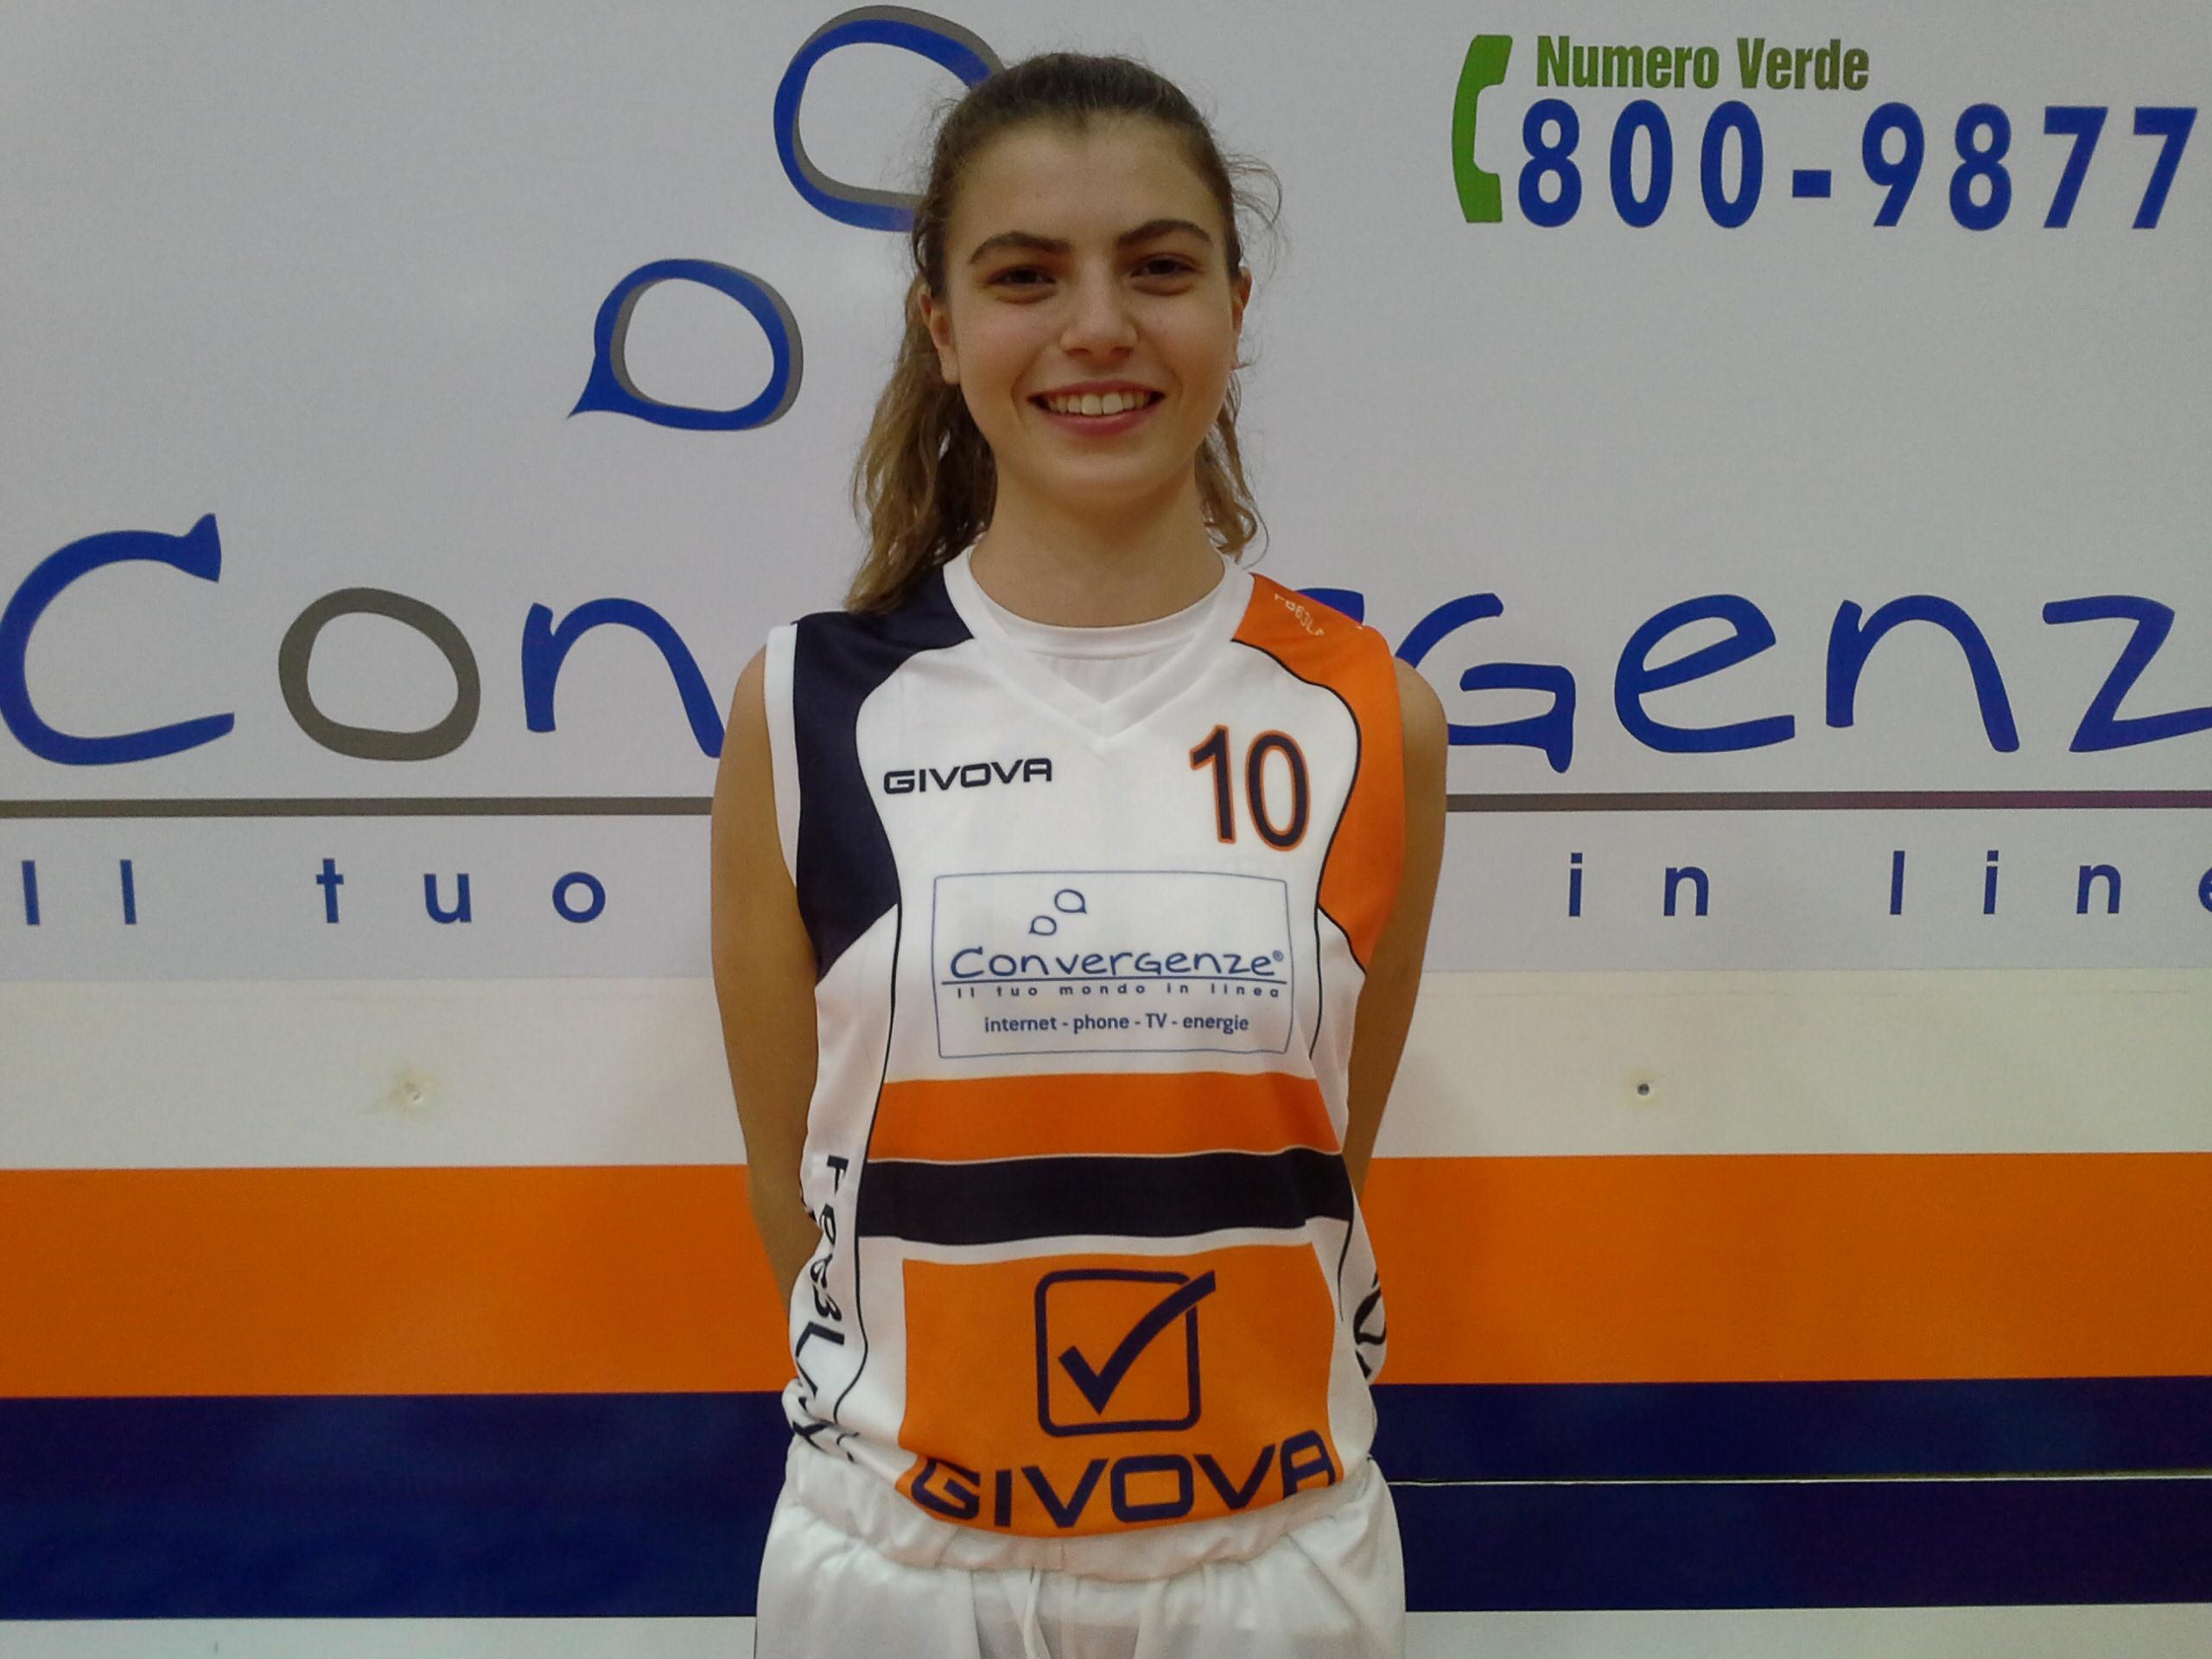 Chiara Pastena